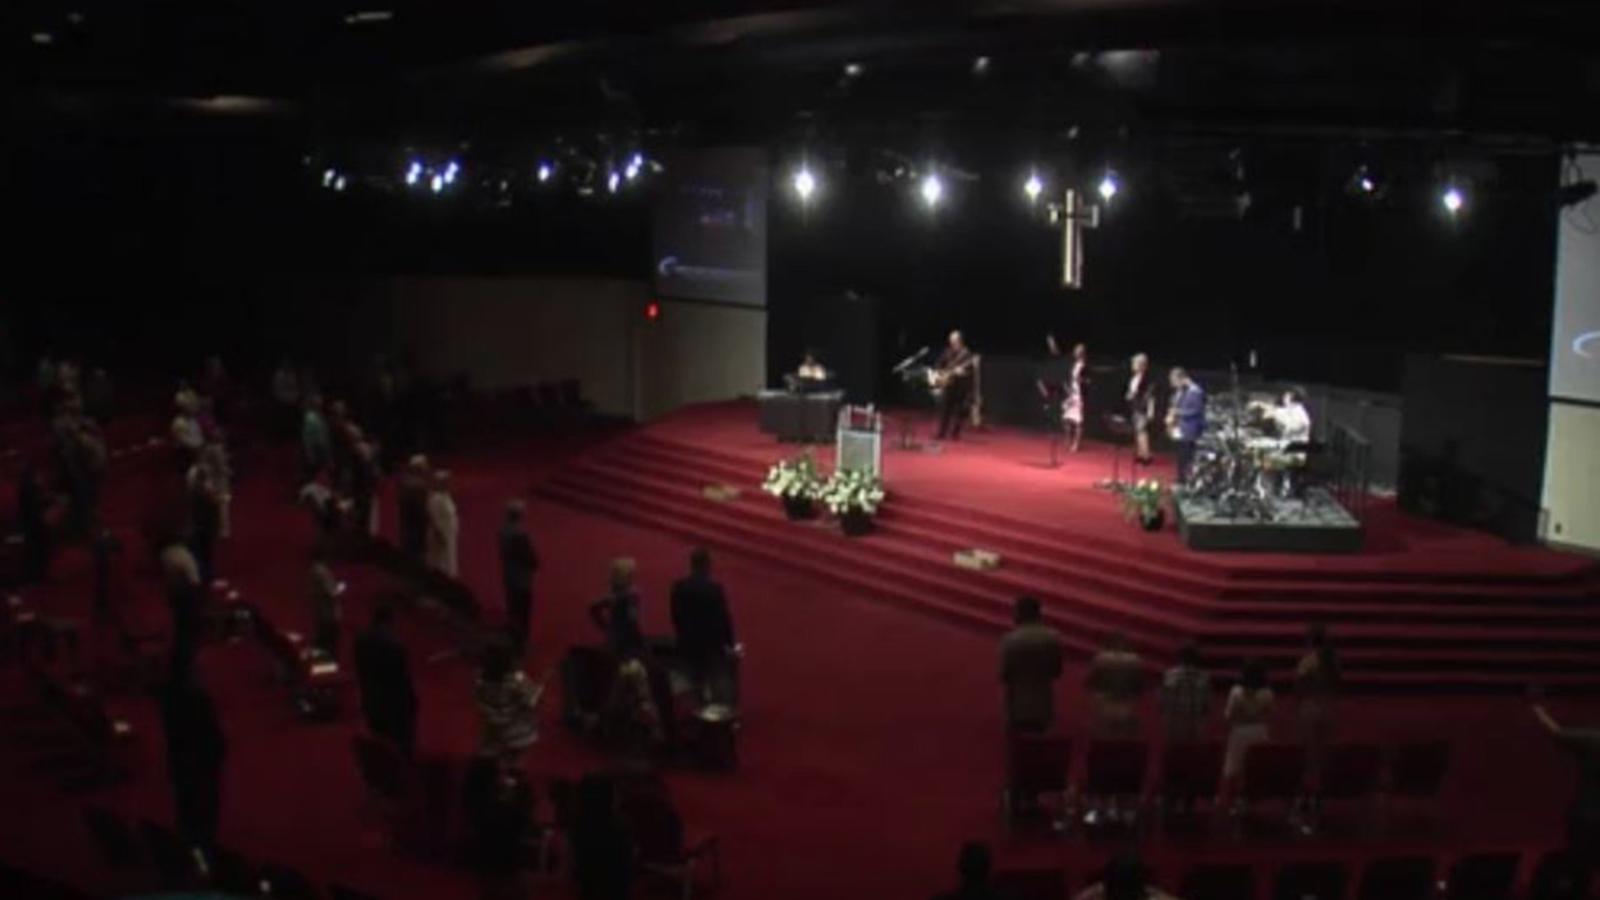 Biserica a ținut servicii în persoană duminică de Paște, în ciuda ordinelor de a rămâne acasă